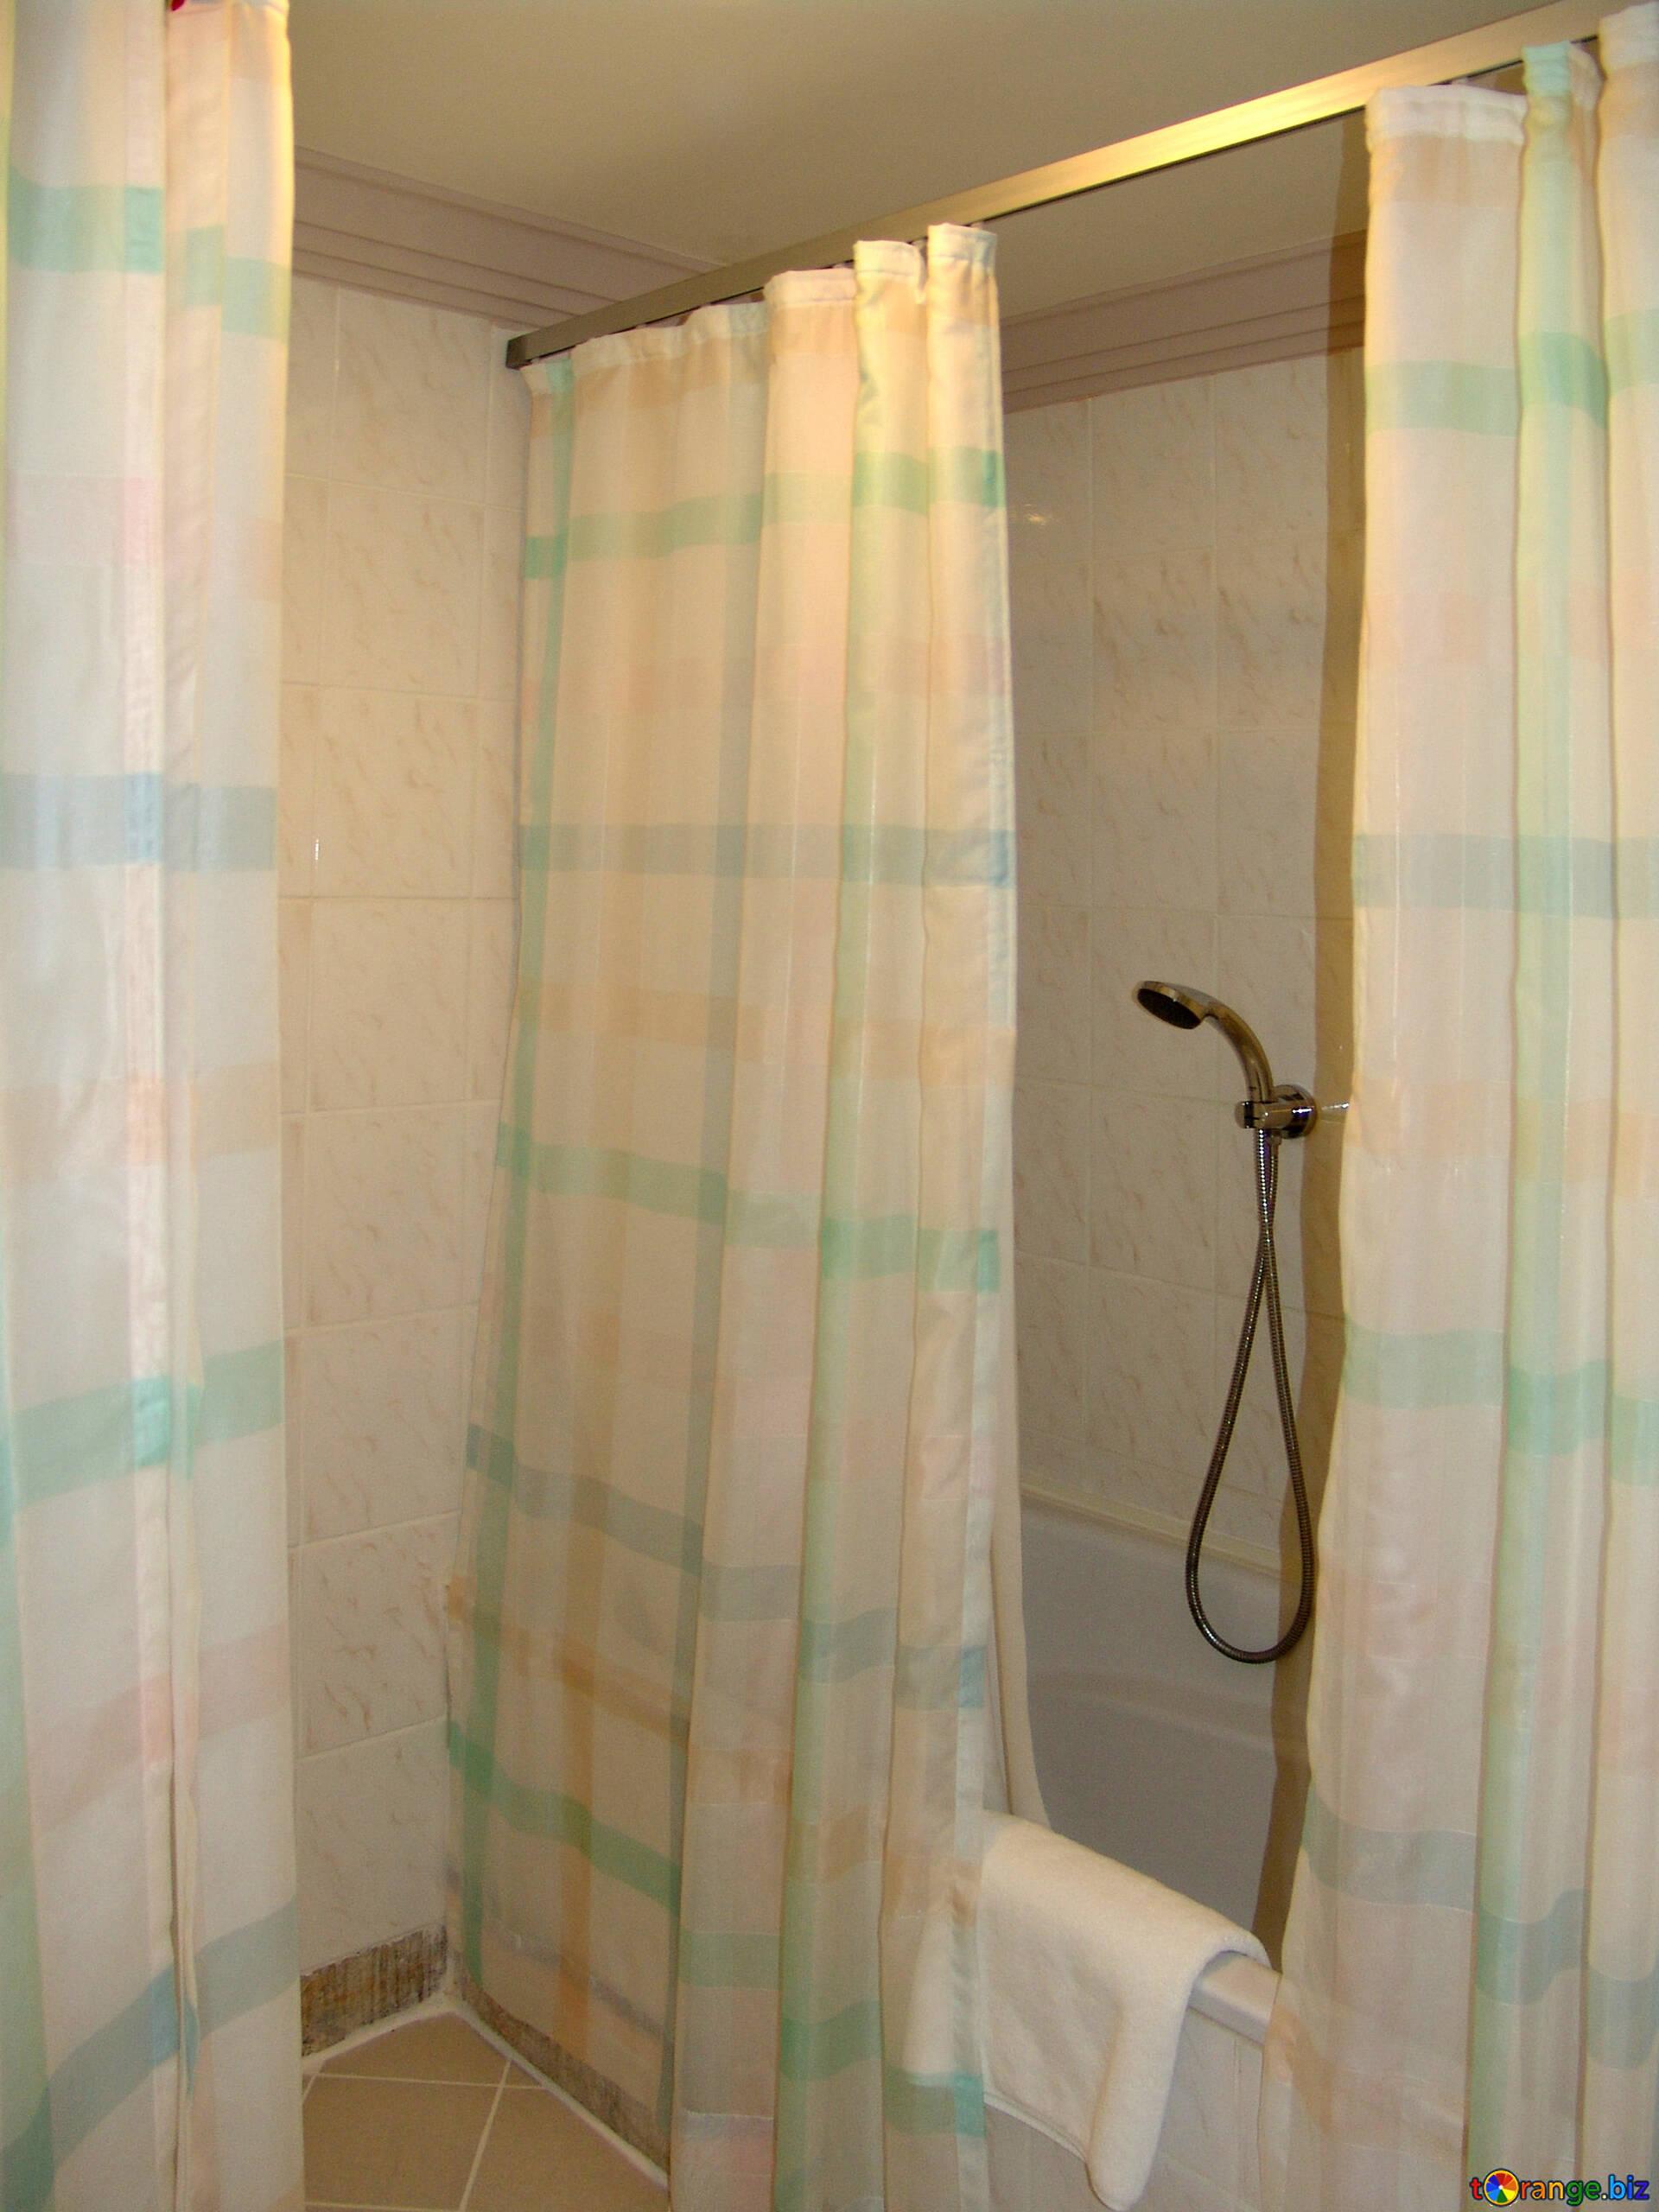 Jalousie vorhänge badezimmer tuch № 8437